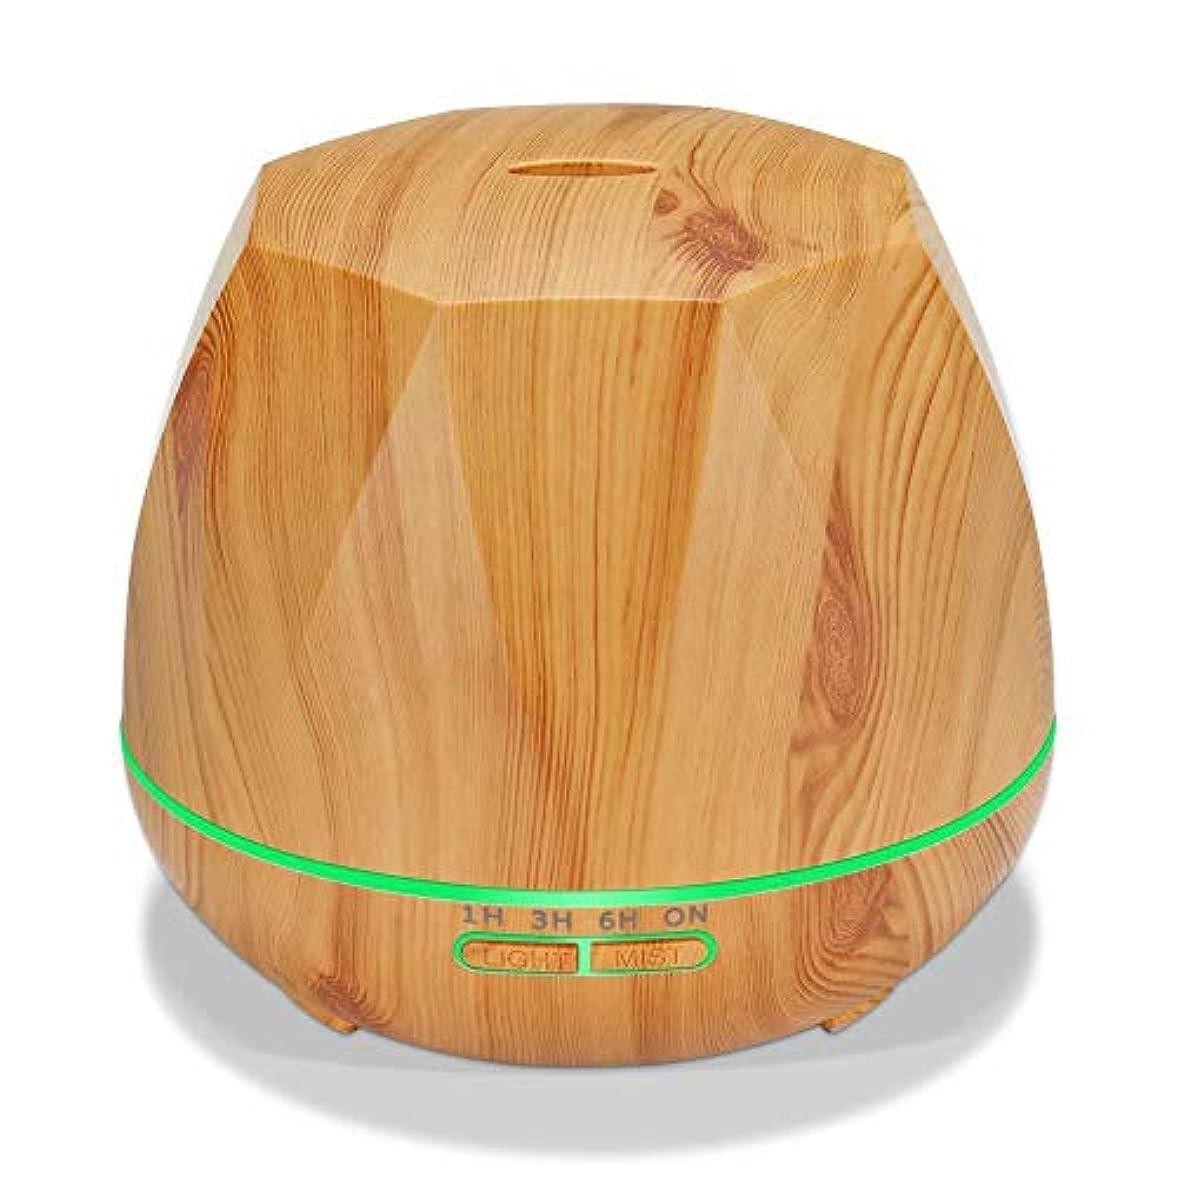 水っぽい枯れる素晴らしさ木目 涼しい霧 加湿器,7 色 空気を浄化 加湿機 時間 デスクトップ 精油 ディフューザー アロマネブライザー Yoga ベッド 寮- 300ml